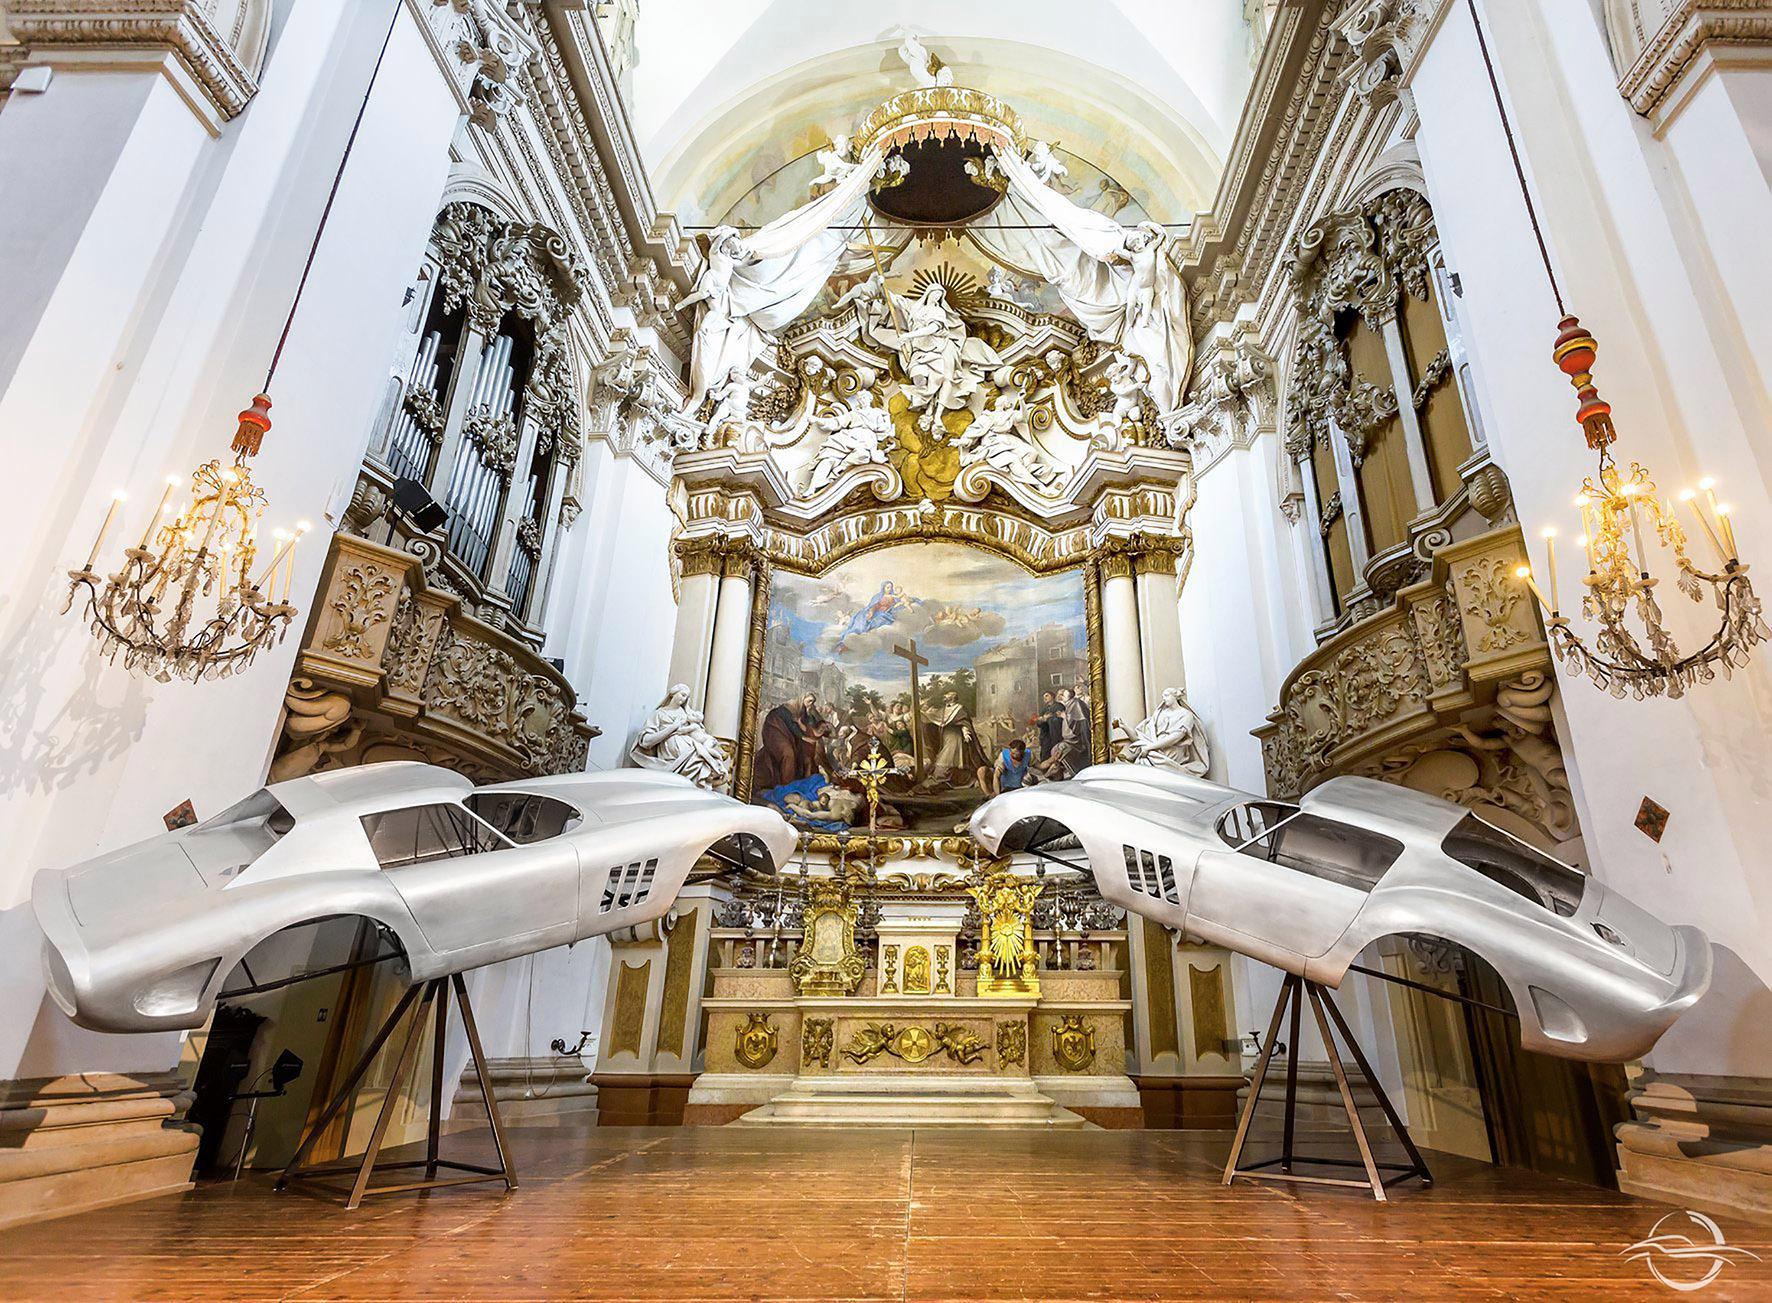 ModenArt presso chiesa di San Carlo a Modena, fotografia di Angelo Rosa